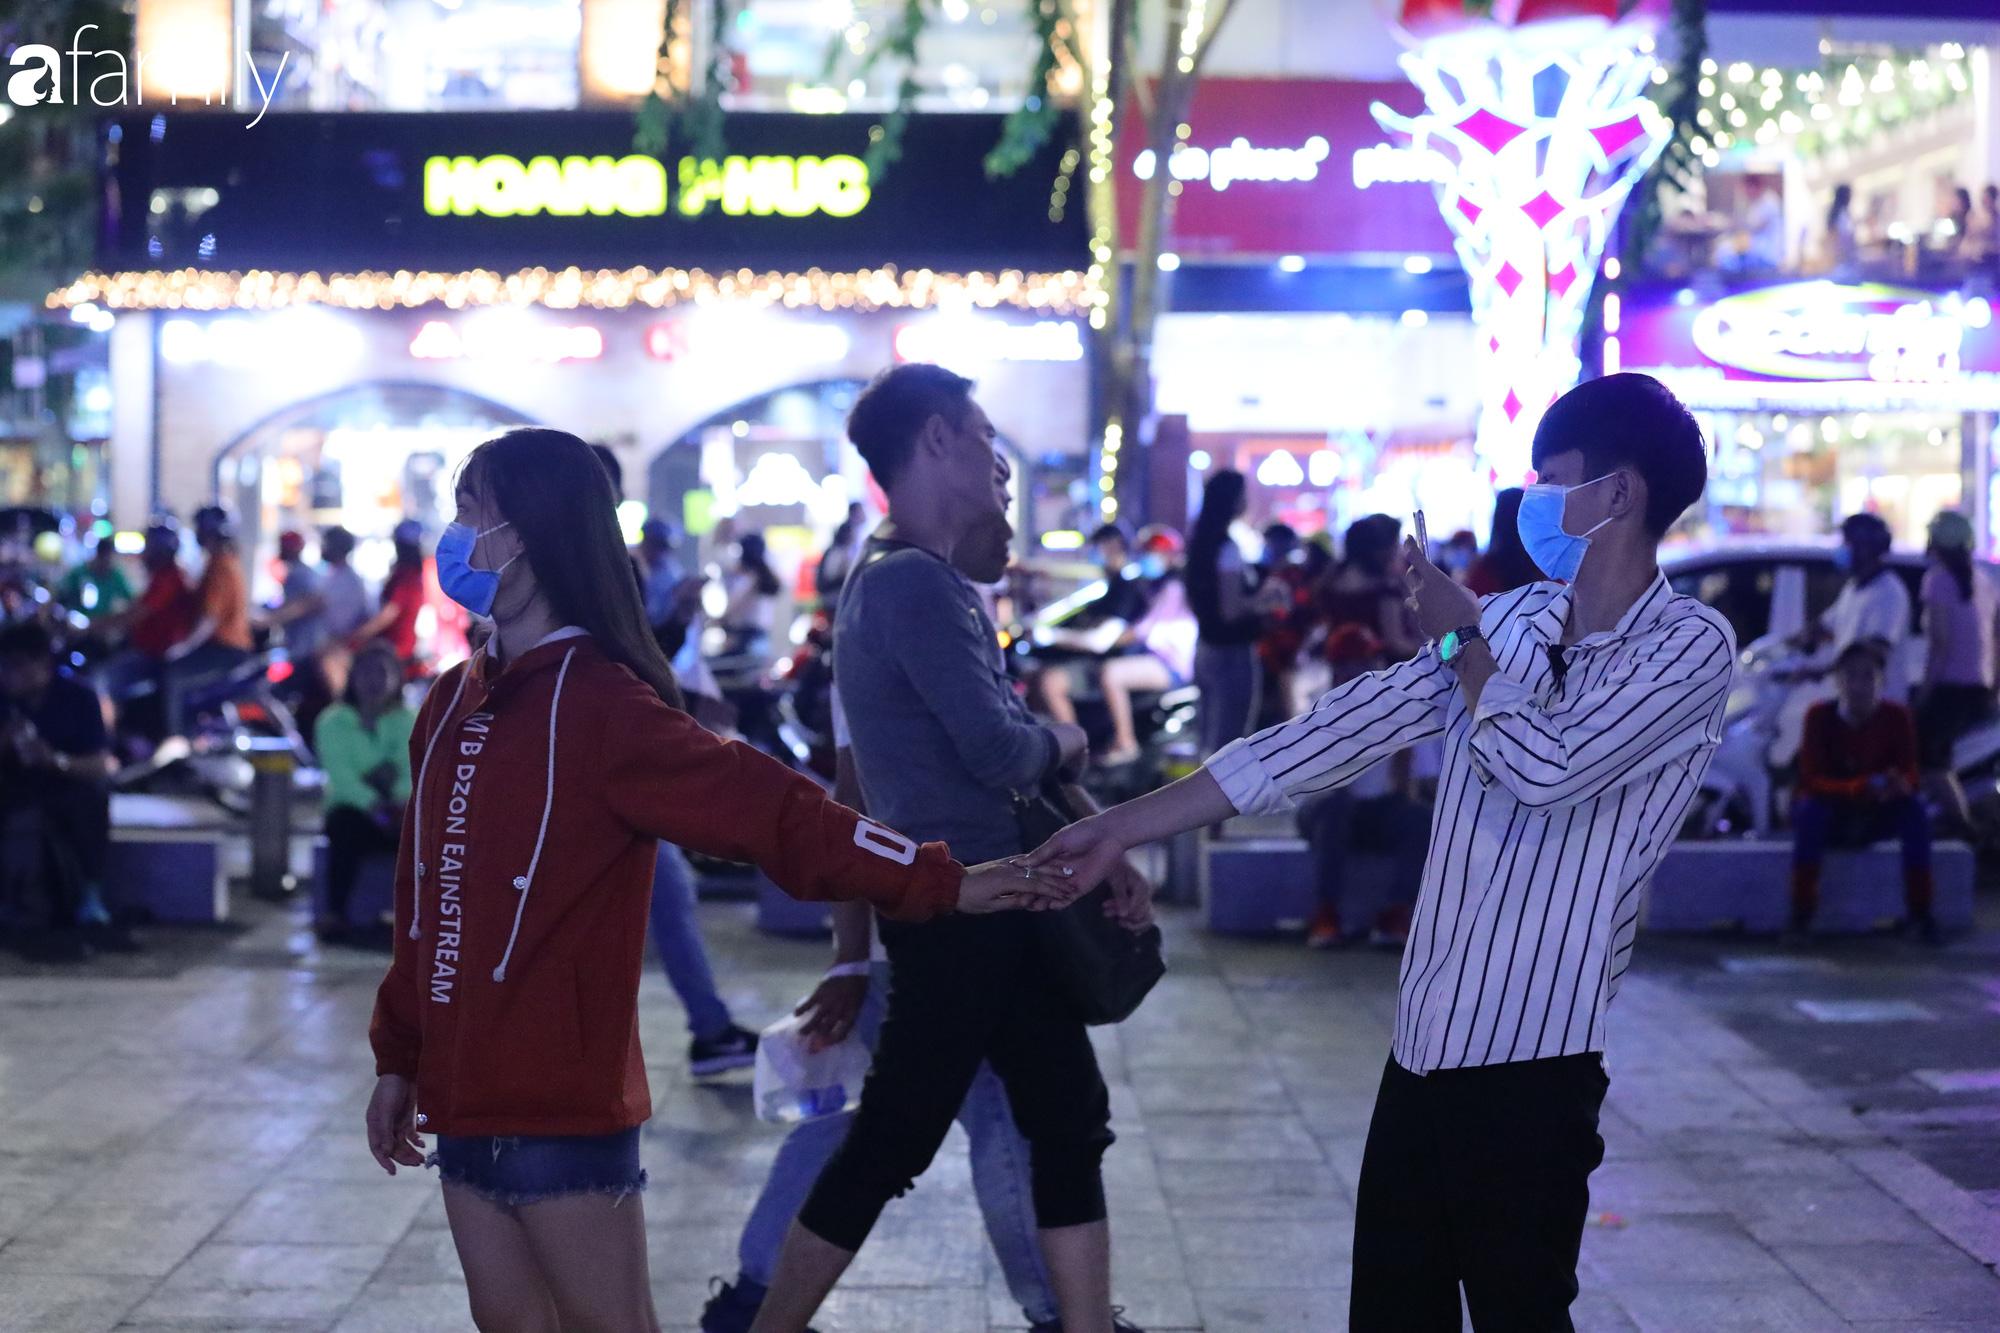 Valentine Hà Nội - Sài Gòn vắng vẻ đìu hiu vì dịch Corona, từ trung tâm thương mại đến phố phường đều ít bóng tình nhân đi chơi - Ảnh 9.